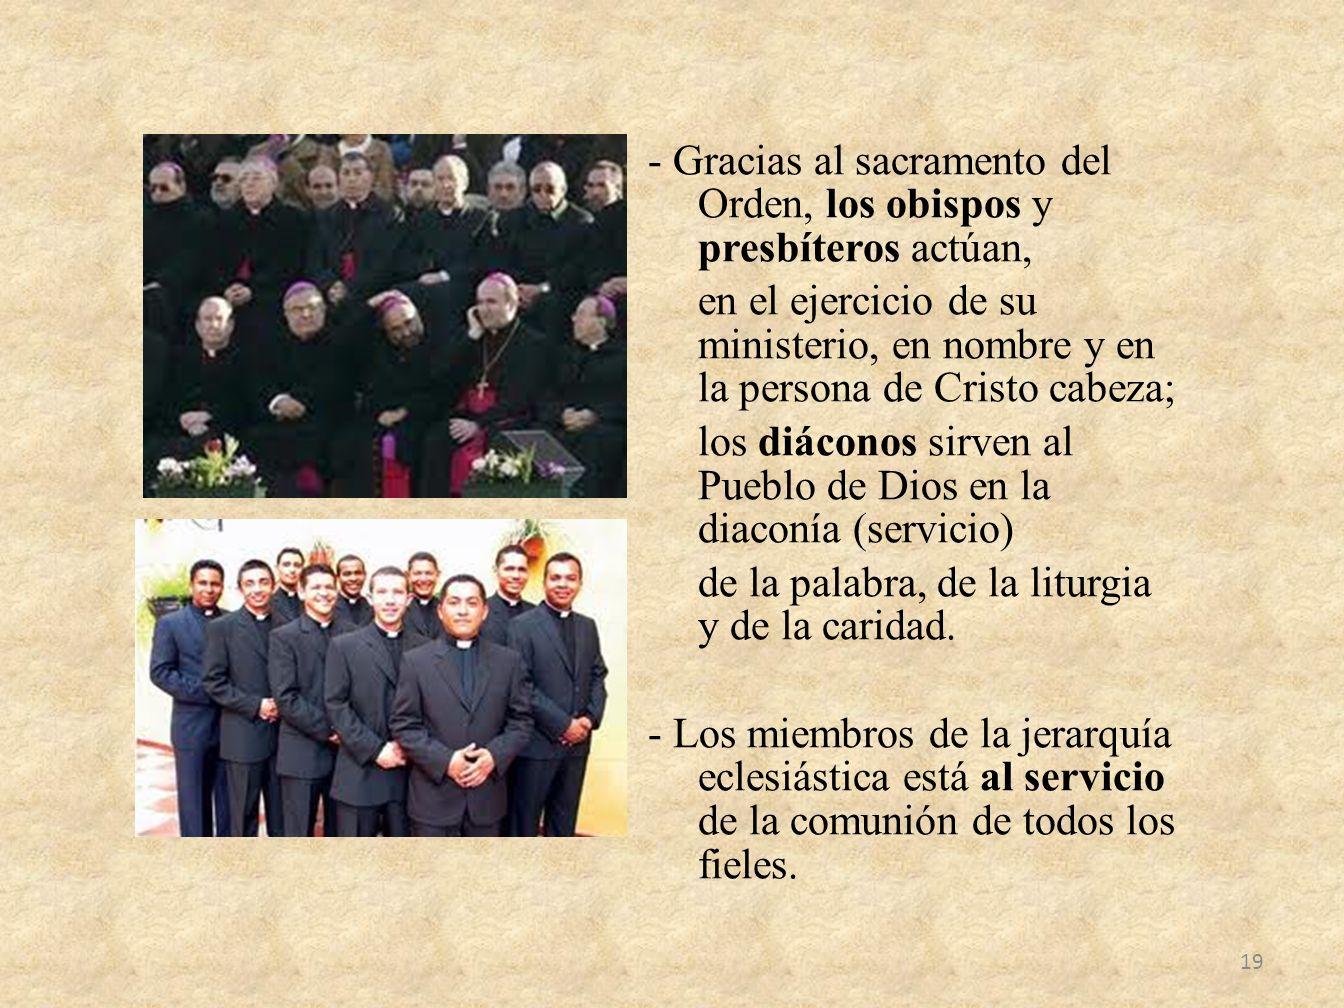 - Gracias al sacramento del Orden, los obispos y presbíteros actúan, en el ejercicio de su ministerio, en nombre y en la persona de Cristo cabeza; los